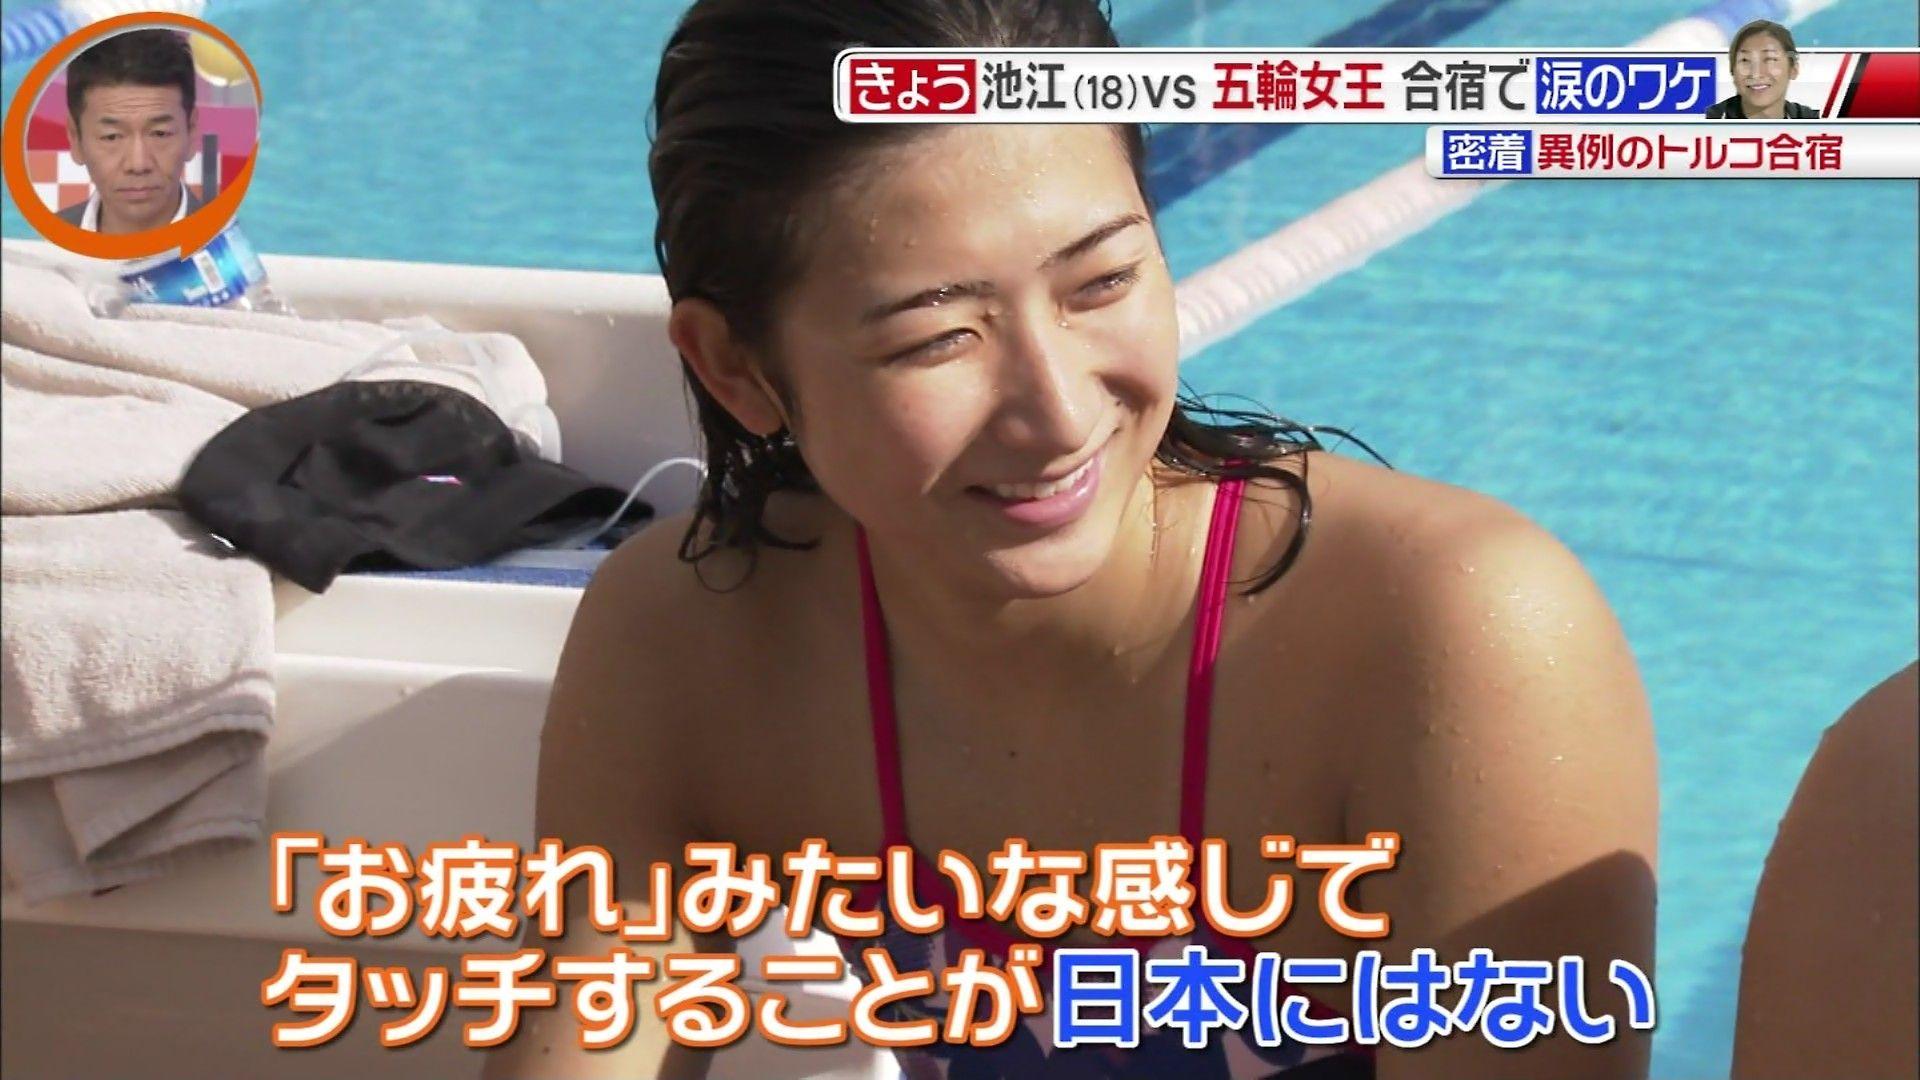 【競泳】池江璃花子さん、JKで可愛くて恵体なのに・・・